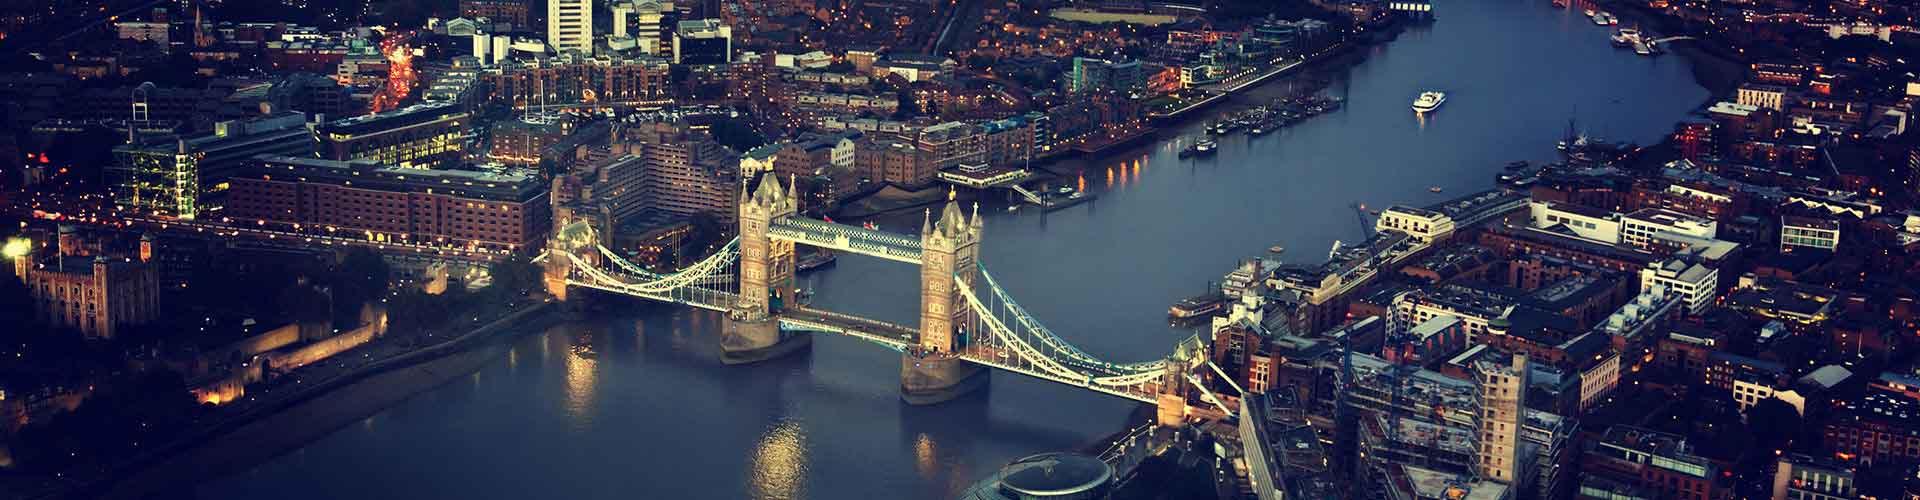 런던 - Borough of Southwark지역에 위치한 호텔. 런던의 지도, 런던에 위치한 호텔에 대한 사진 및 리뷰.